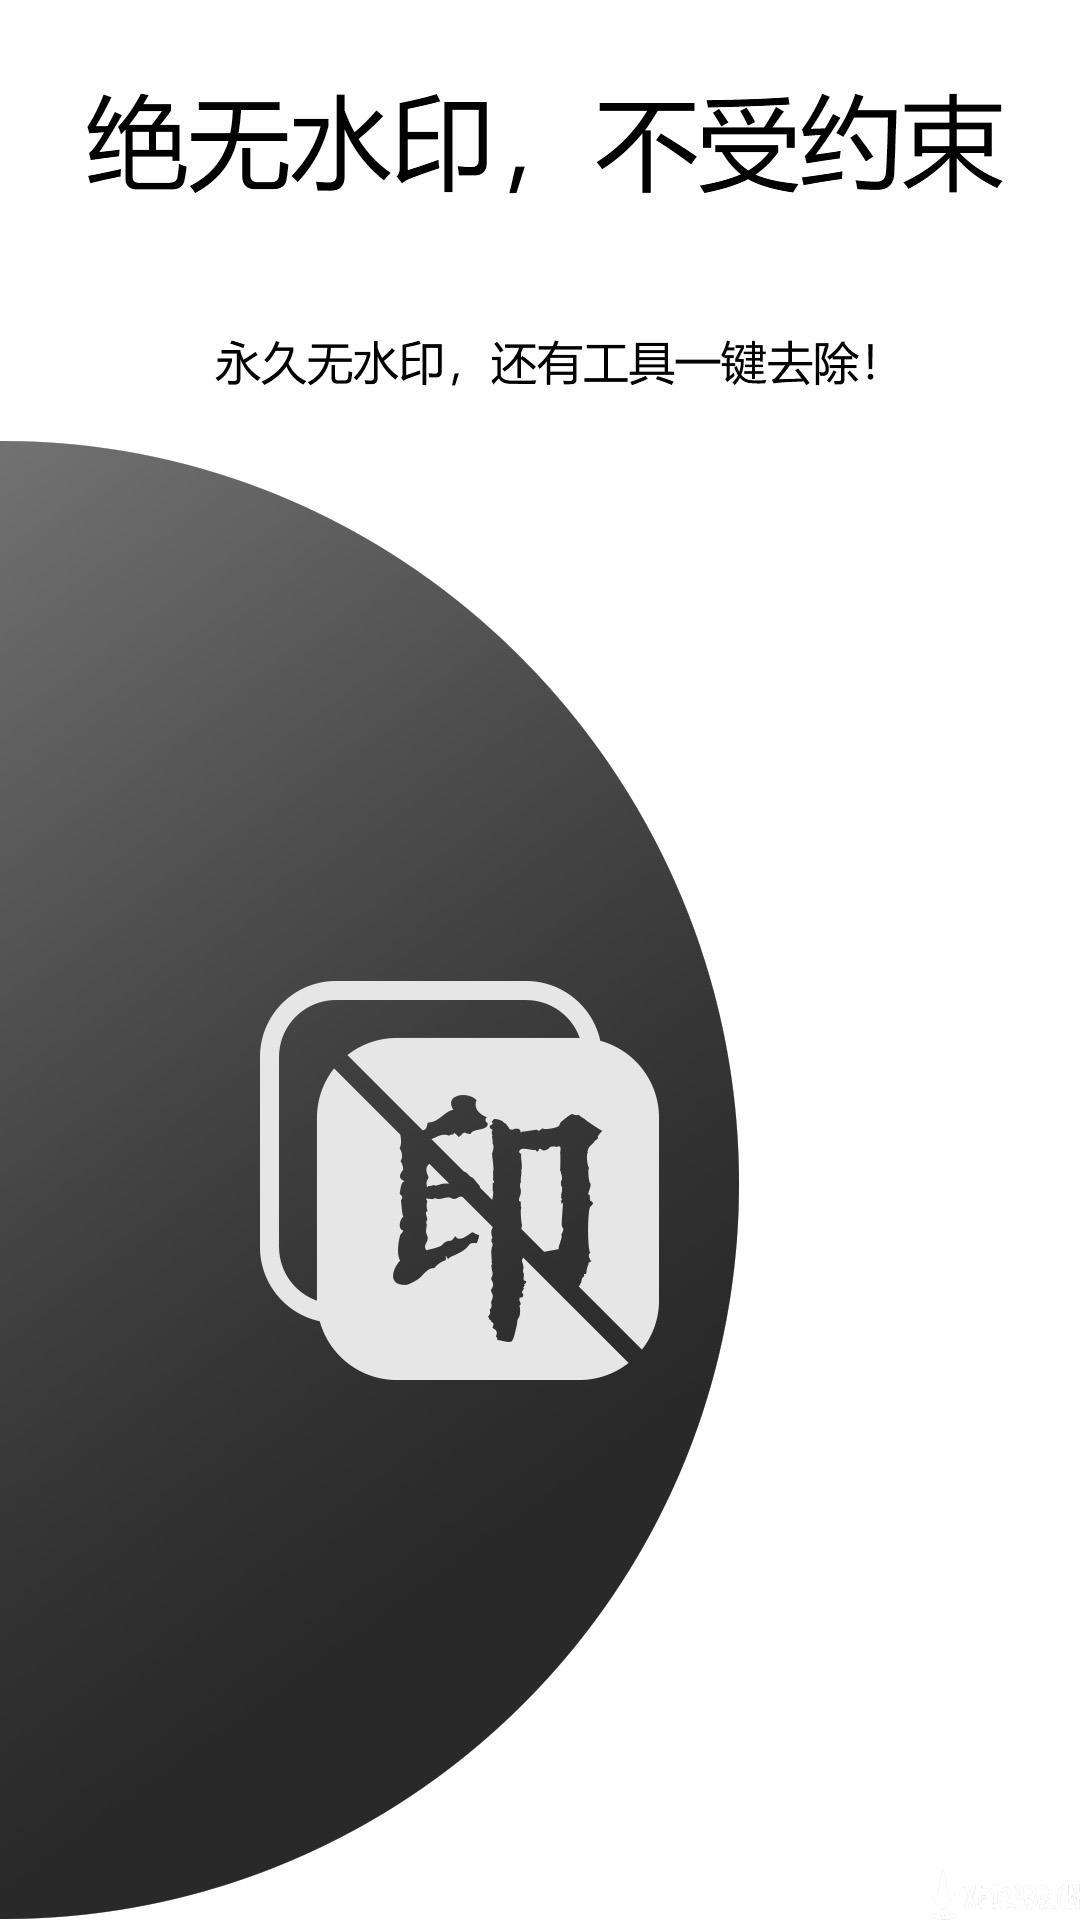 茄子视频编辑器app下载_茄子视频编辑器app最新版免费下载